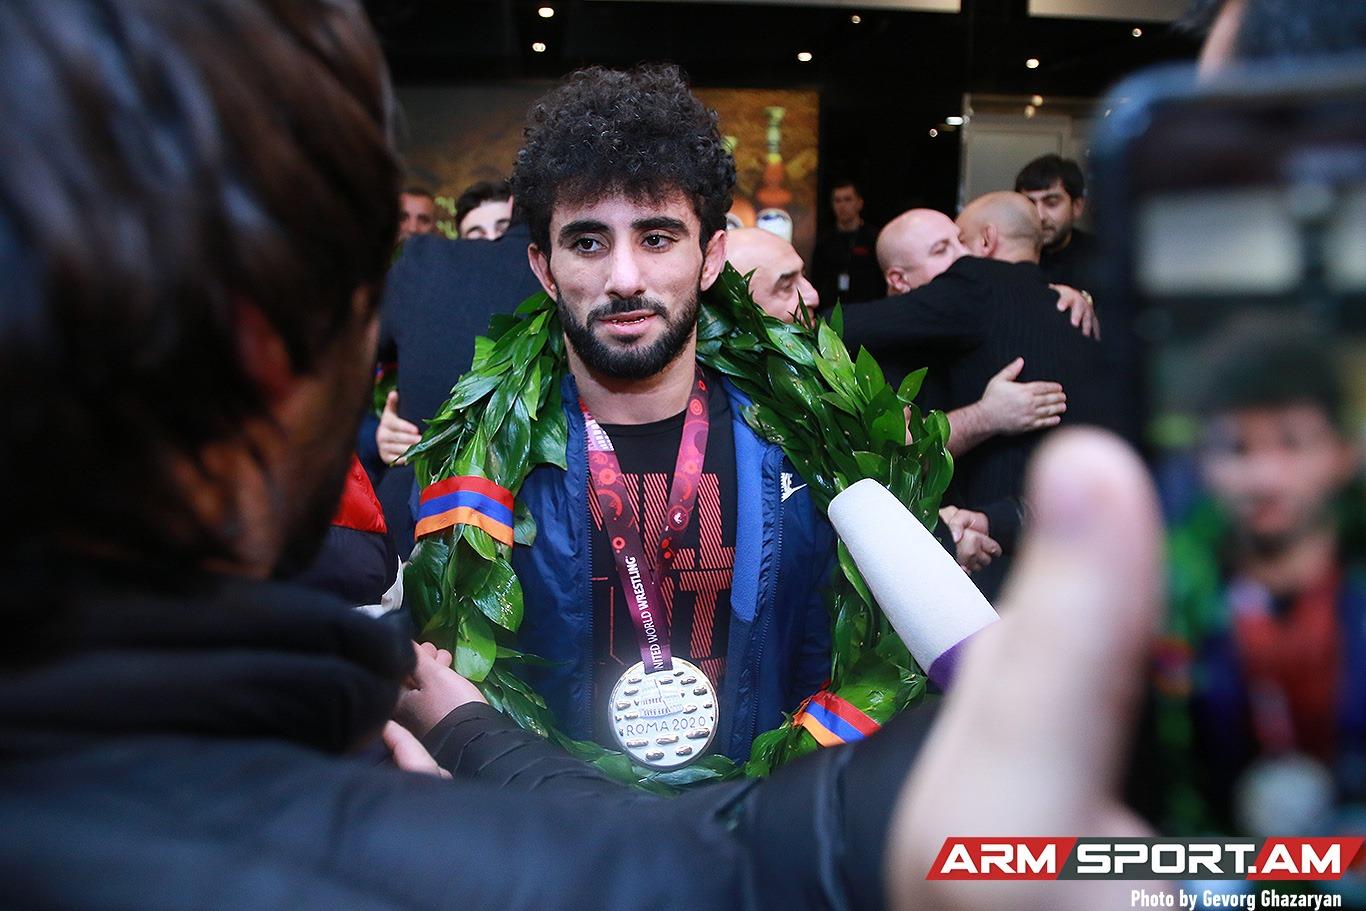 Ուրախ եմ, որ կարողացա մեր երկրի դրոշը բարձր պահել թուրքերից ու ադրբեջանցիներից. ԵԱ-ի չեմպիոն Գևորգ Ղարիբյան